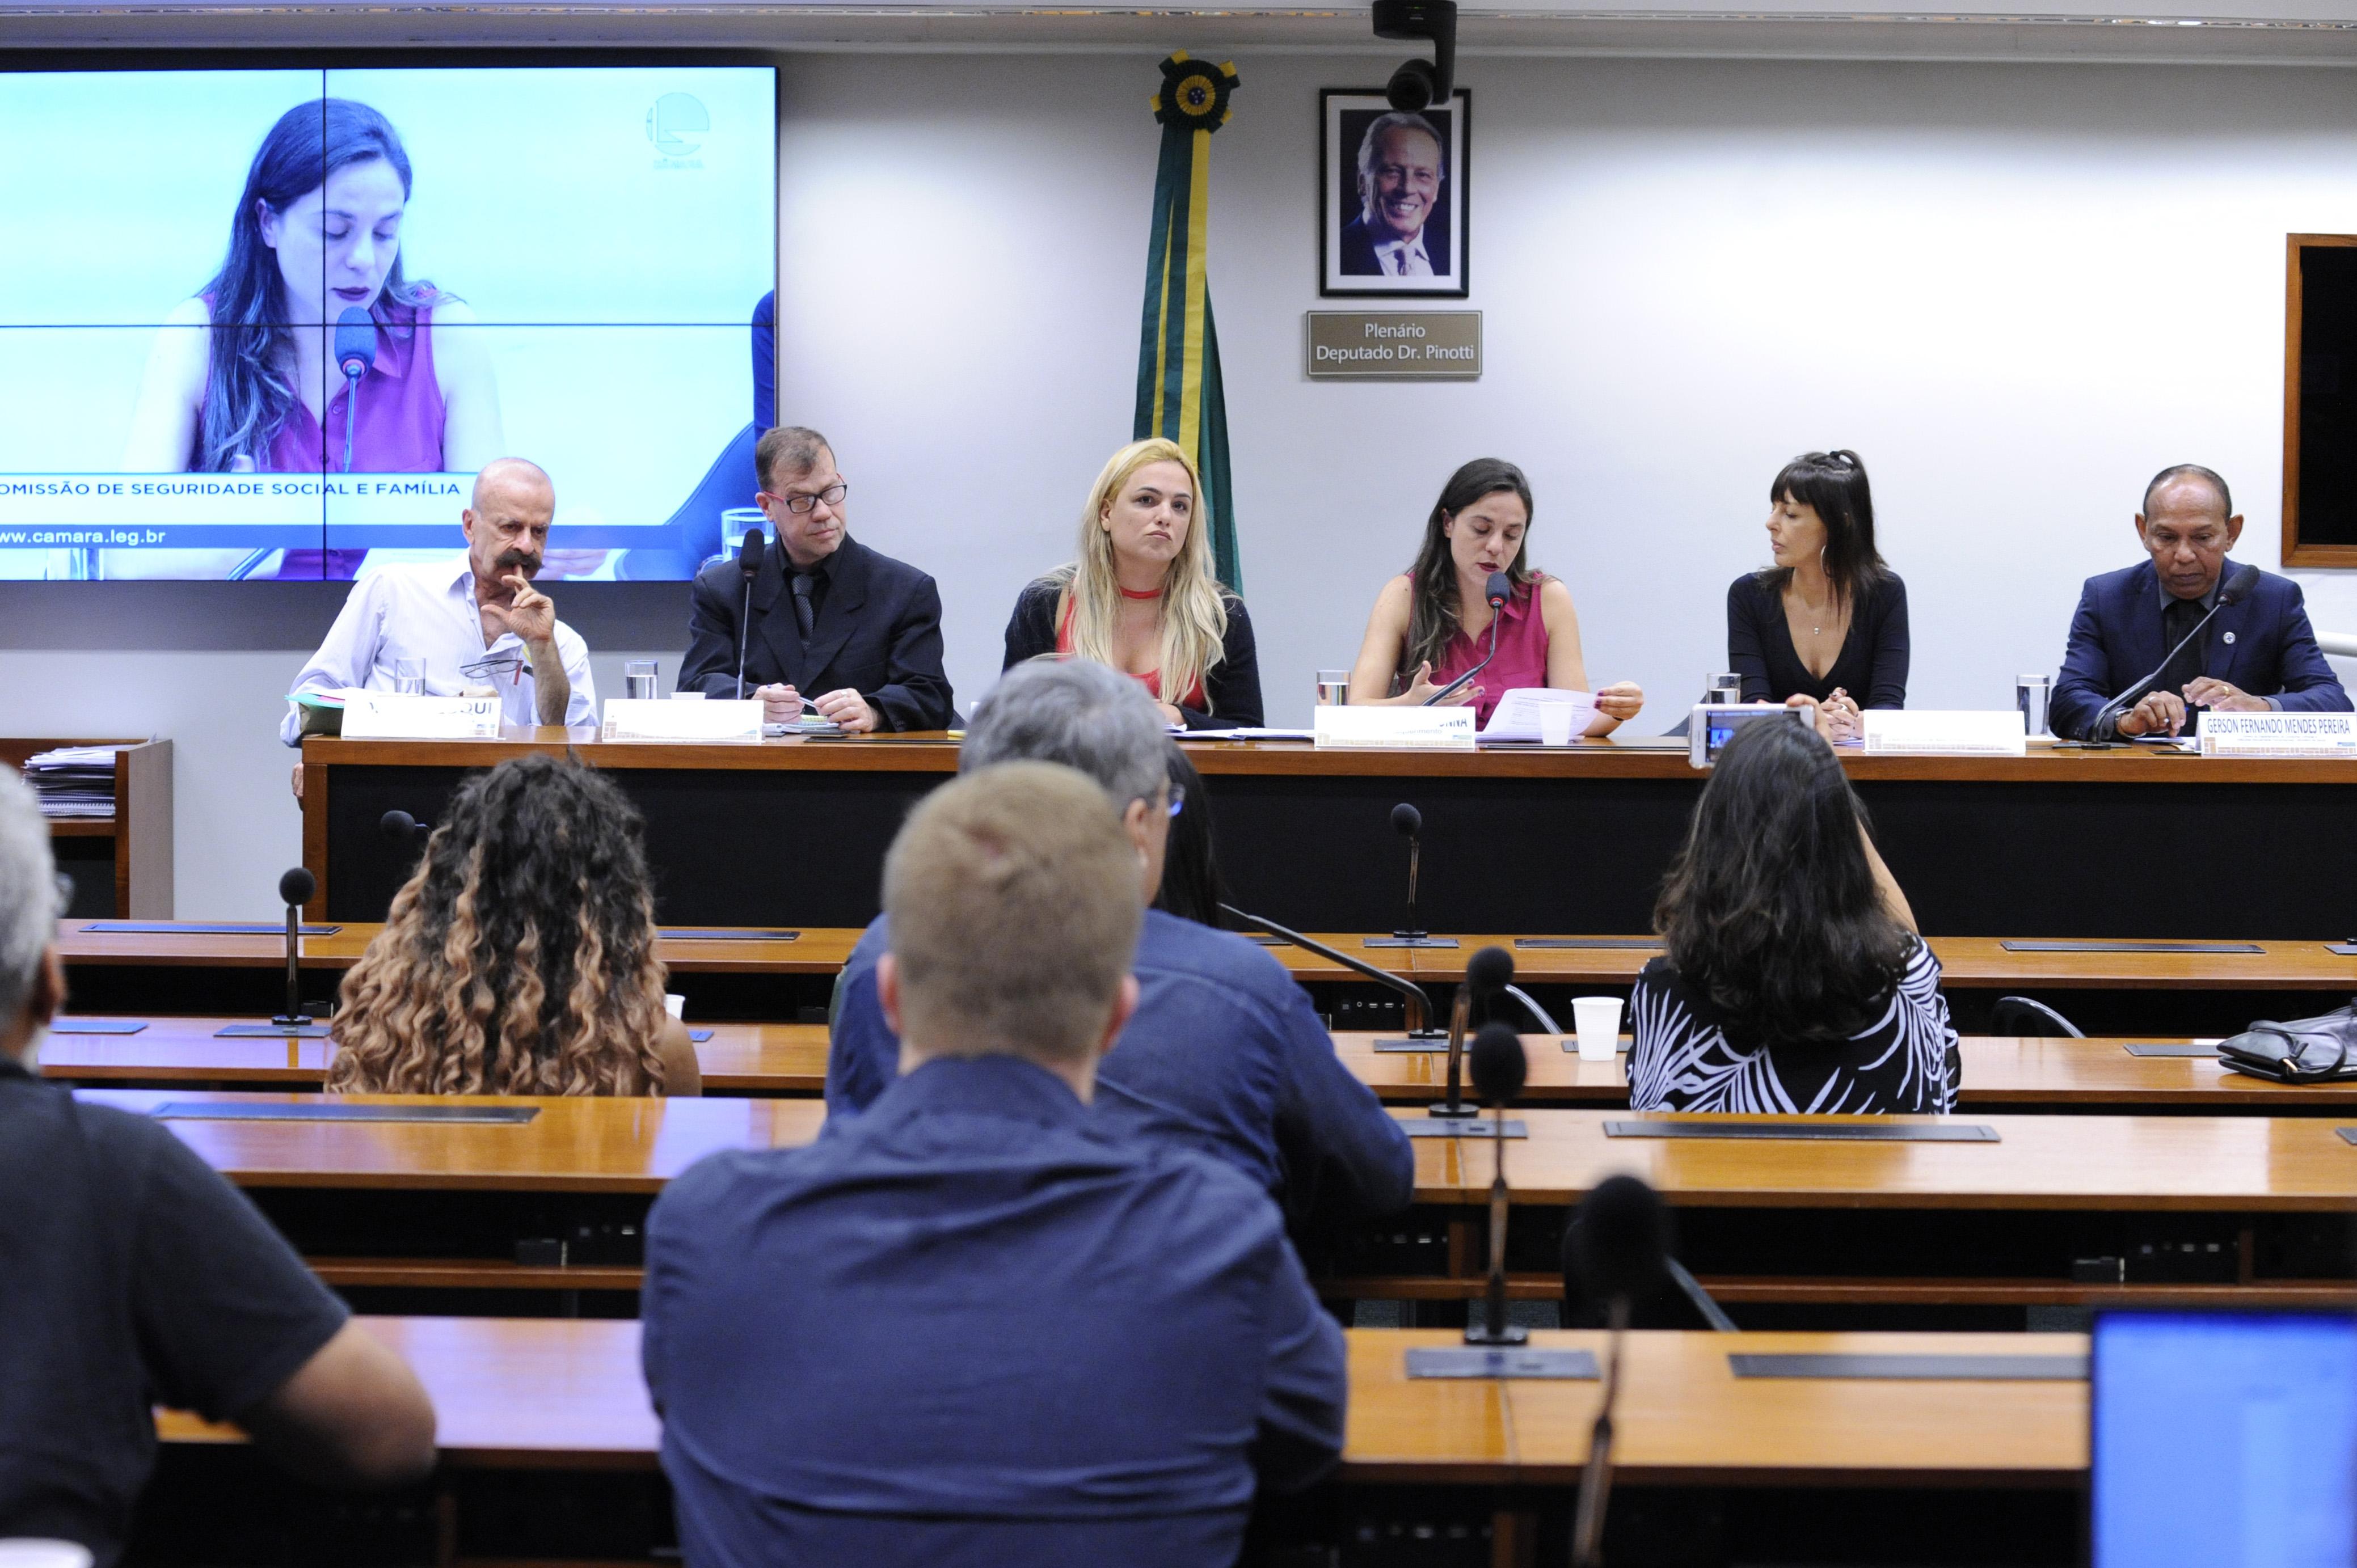 """""""Ninguém mais precisa morrer de AIDS, mas falta vontade política"""", afirmam movimentos sociais em audiência pública da Câmara dos Deputados"""